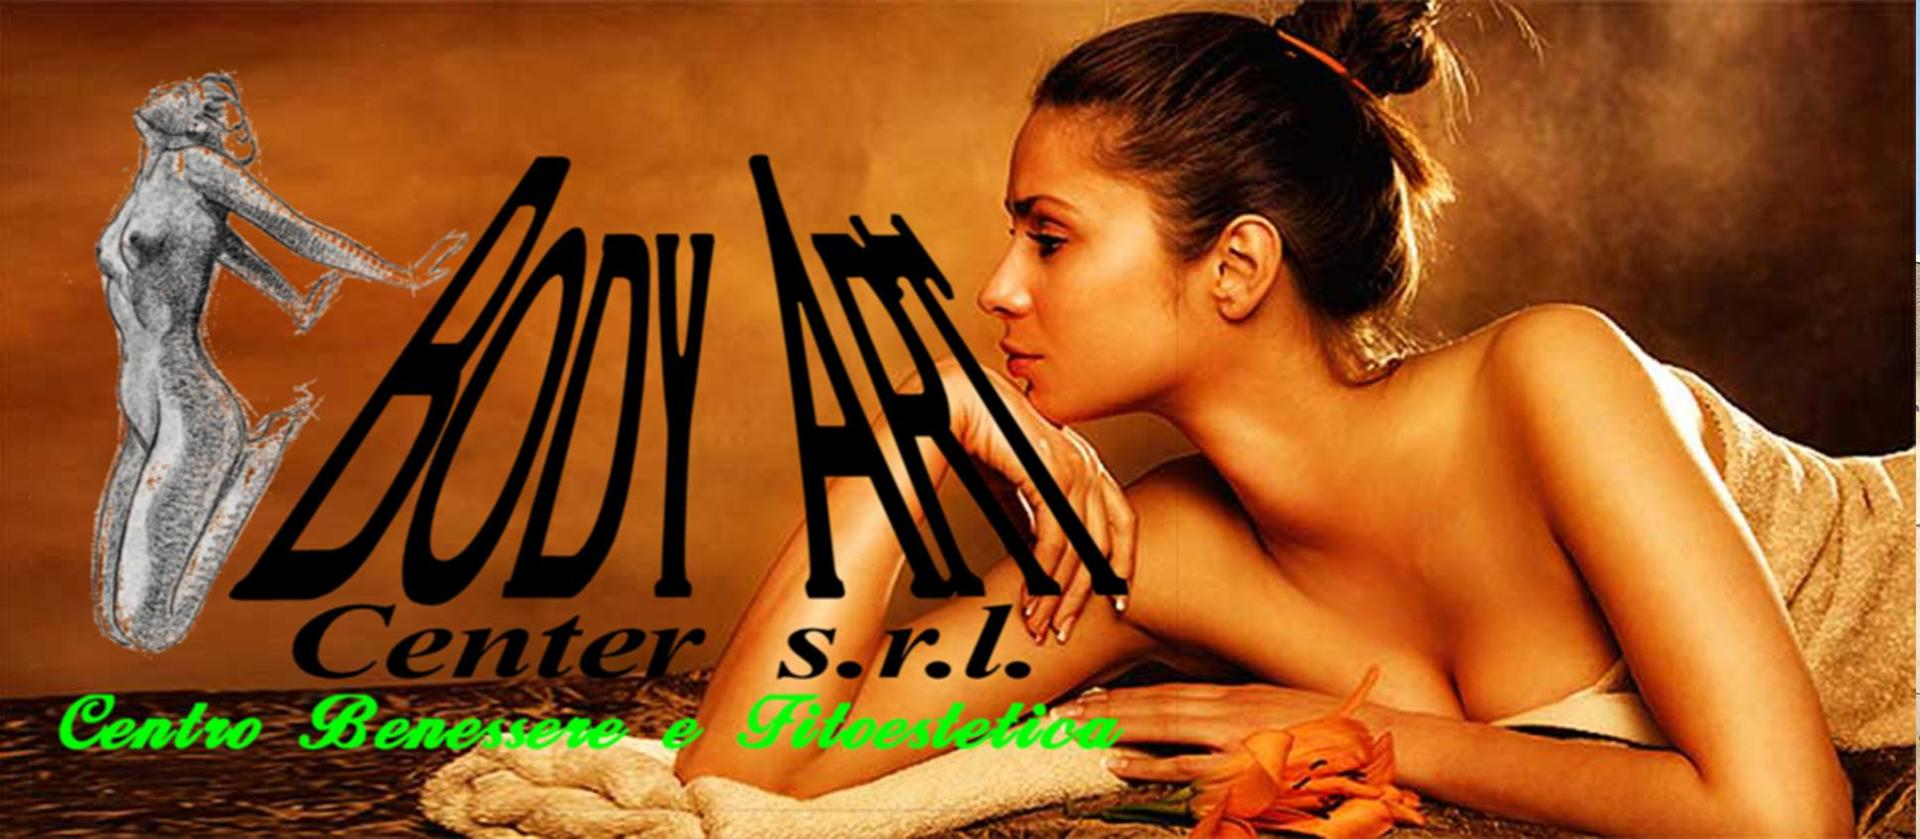 banner promozionale body art center srl